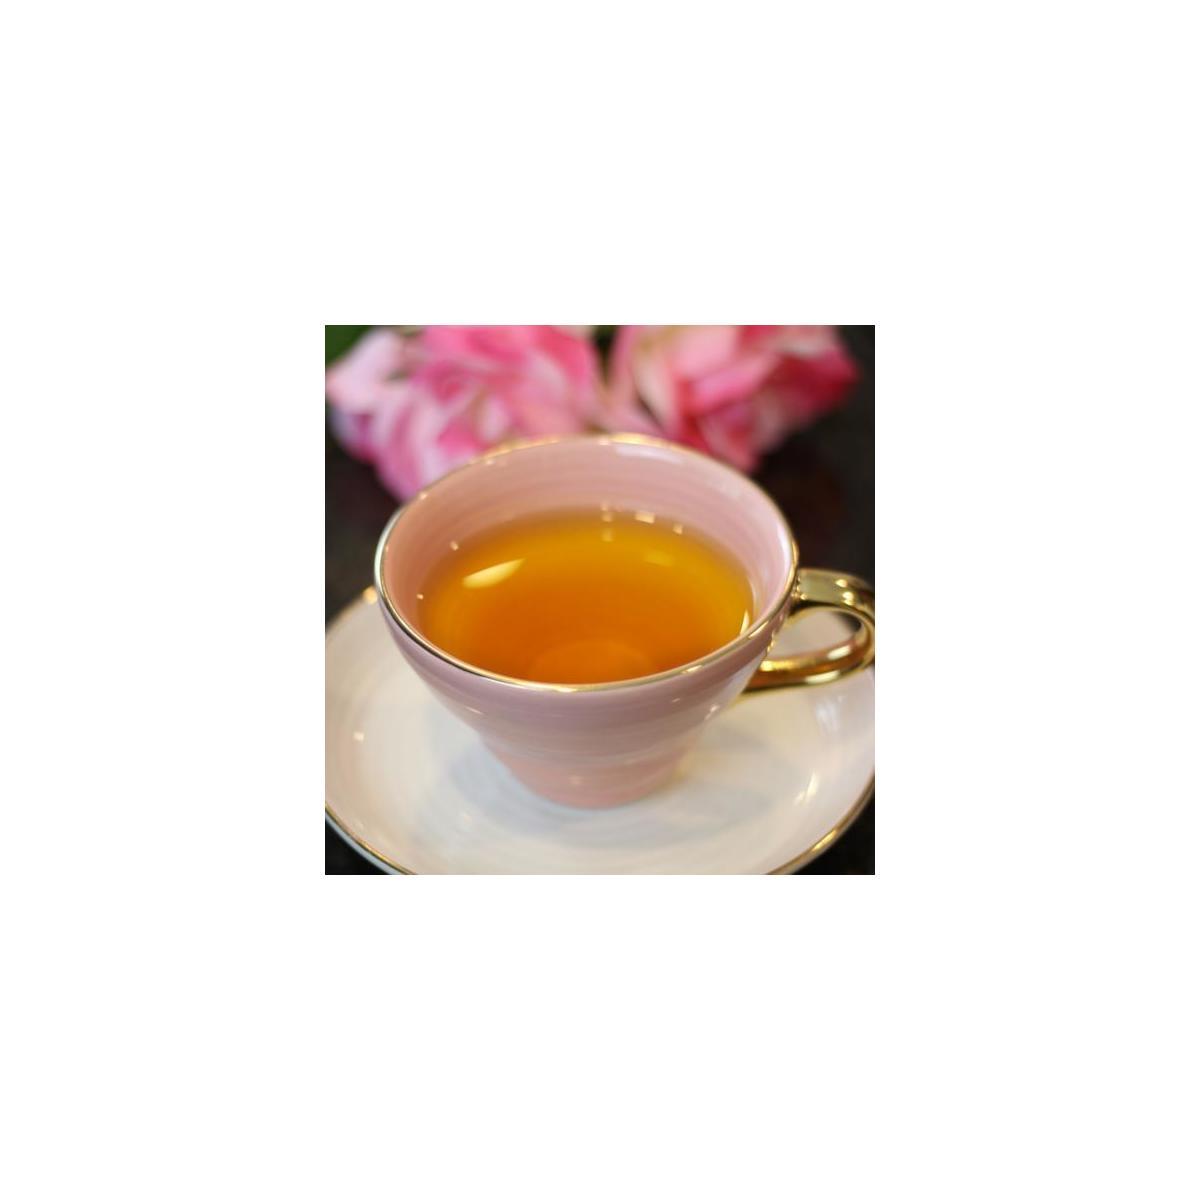 Saffron Gunpowder Green Tea Organic Non Gmo Ethically Sourced